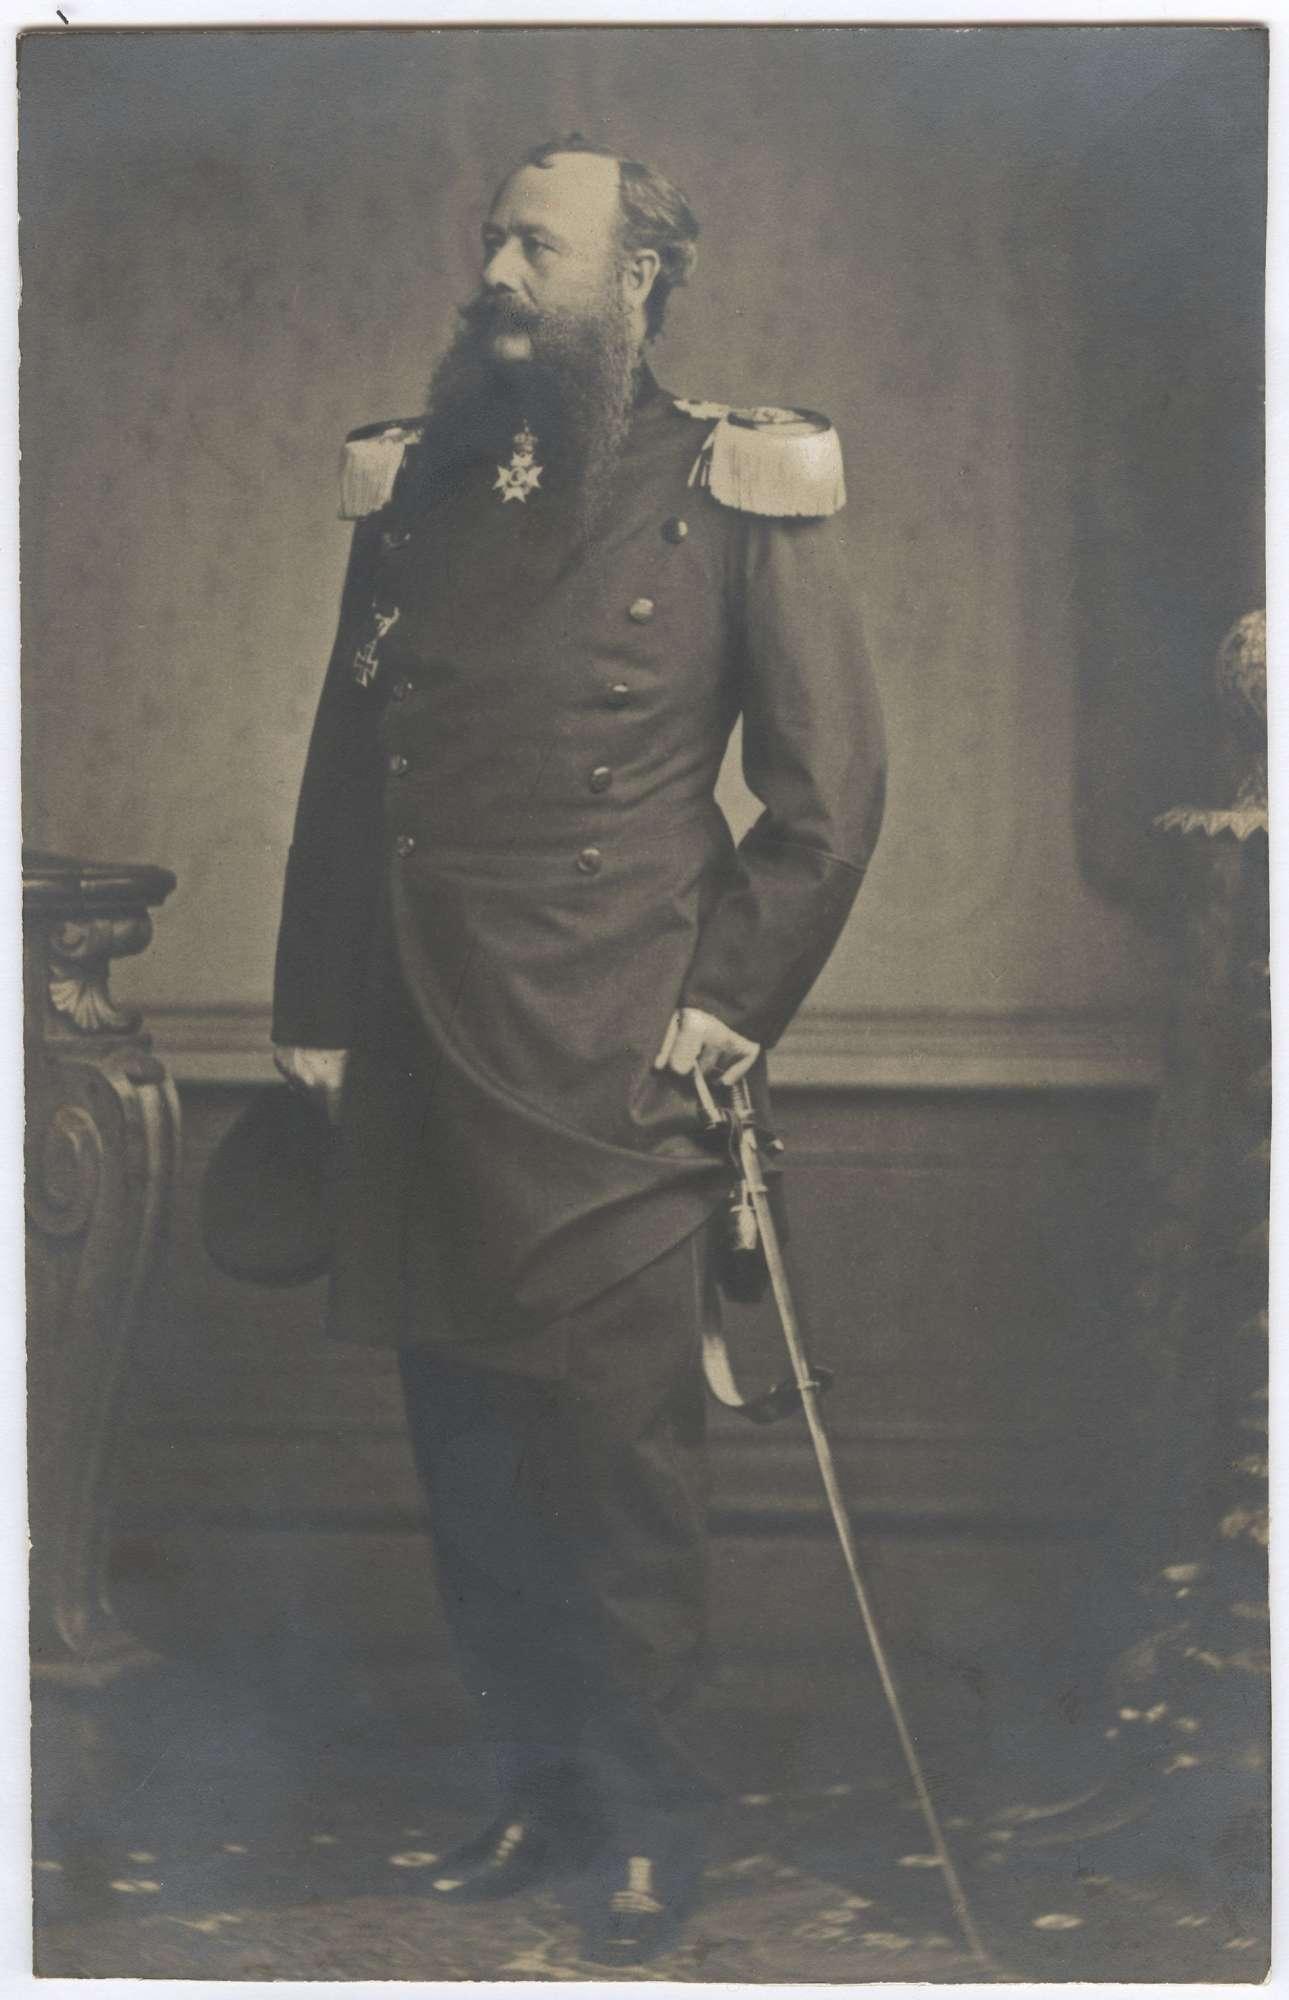 Faber du Faur, Wilhelm von, Bild 1